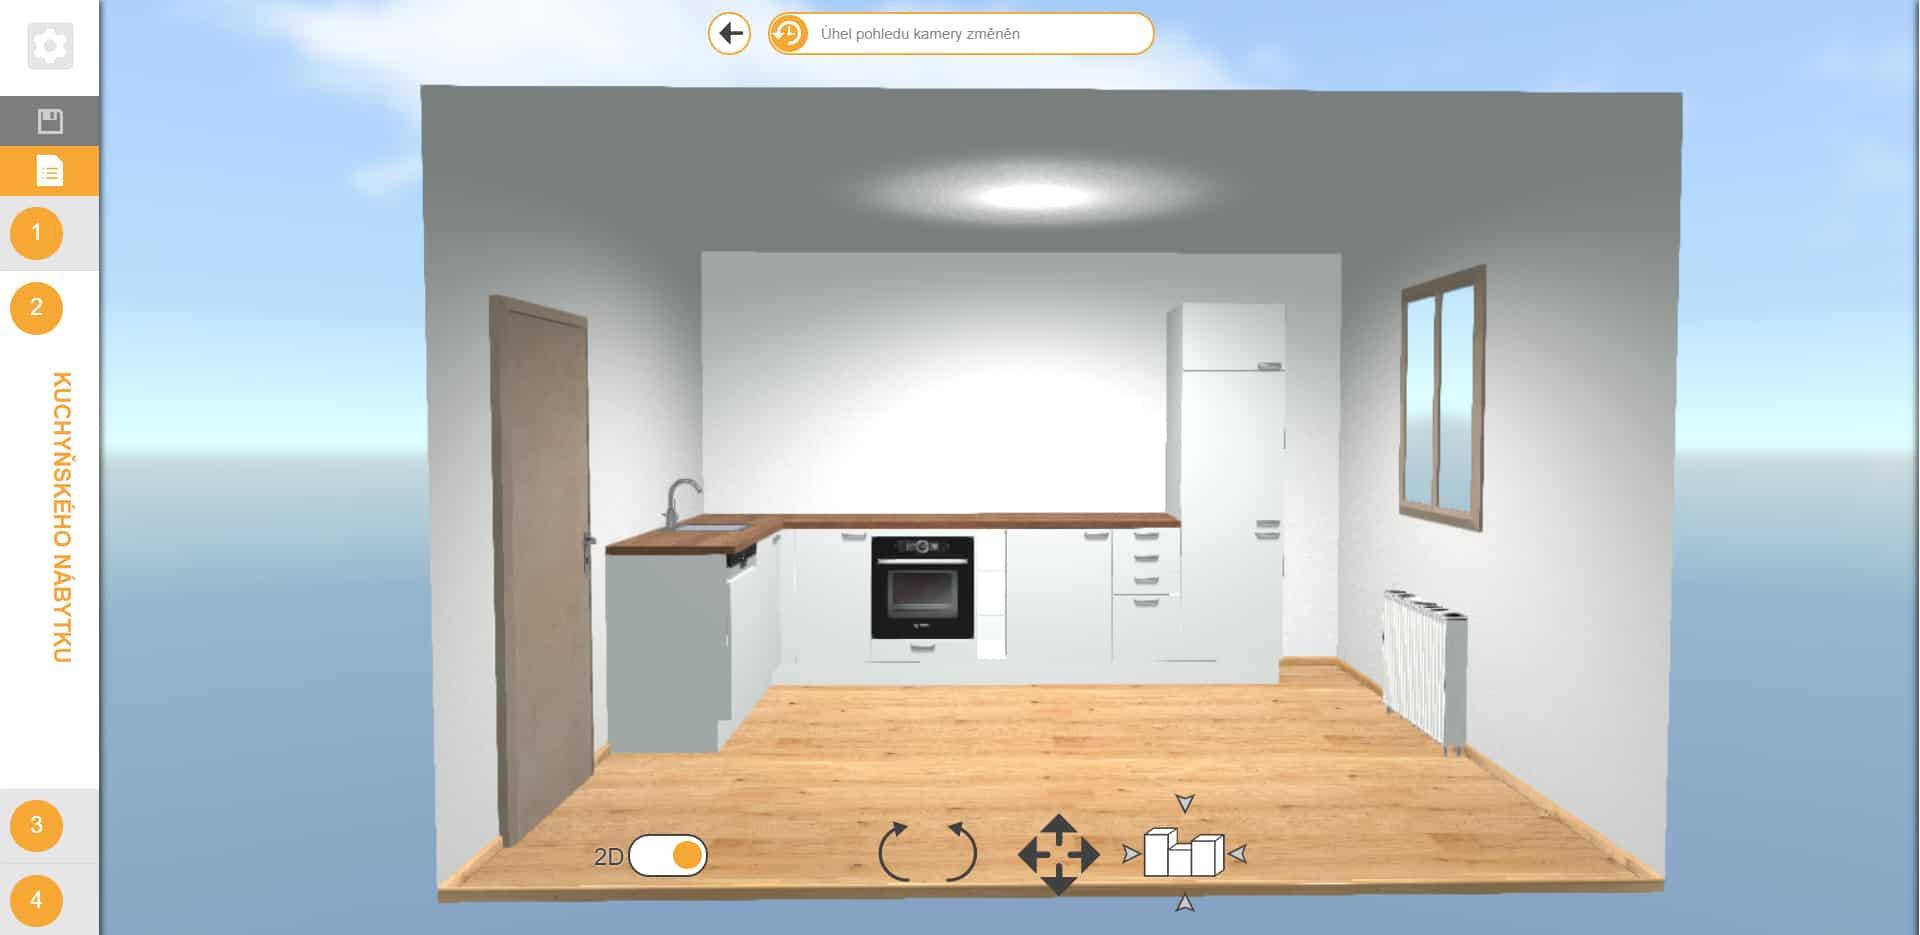 KitchenPlanner.net - návrh kuchyně zdarma recenze